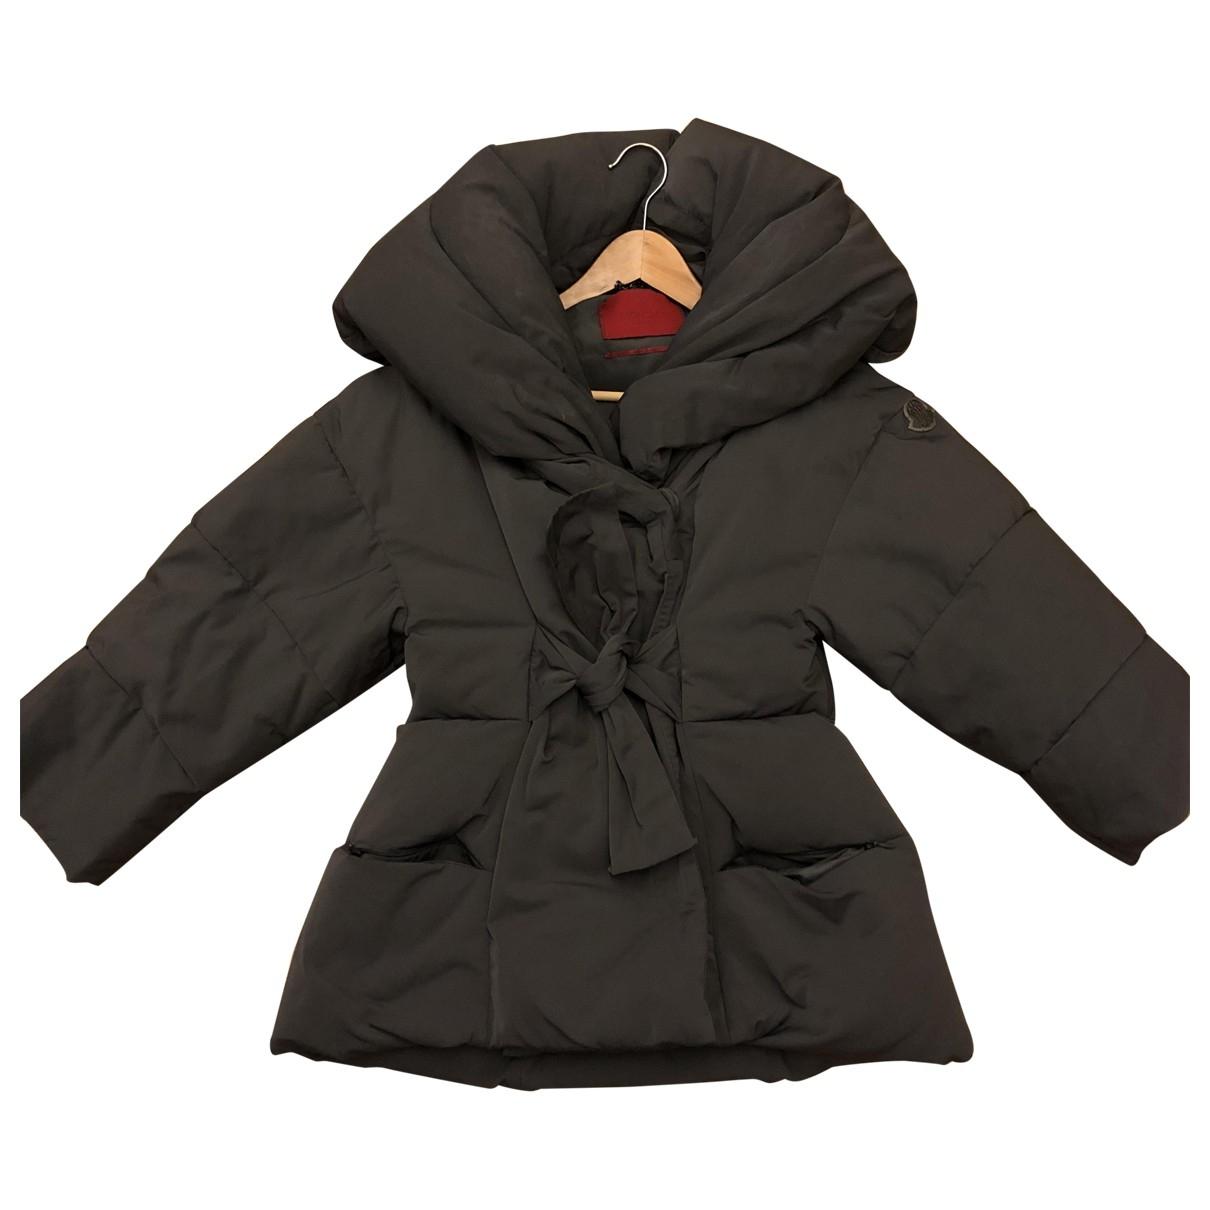 Moncler - Manteau Gamme Rouge pour femme - gris